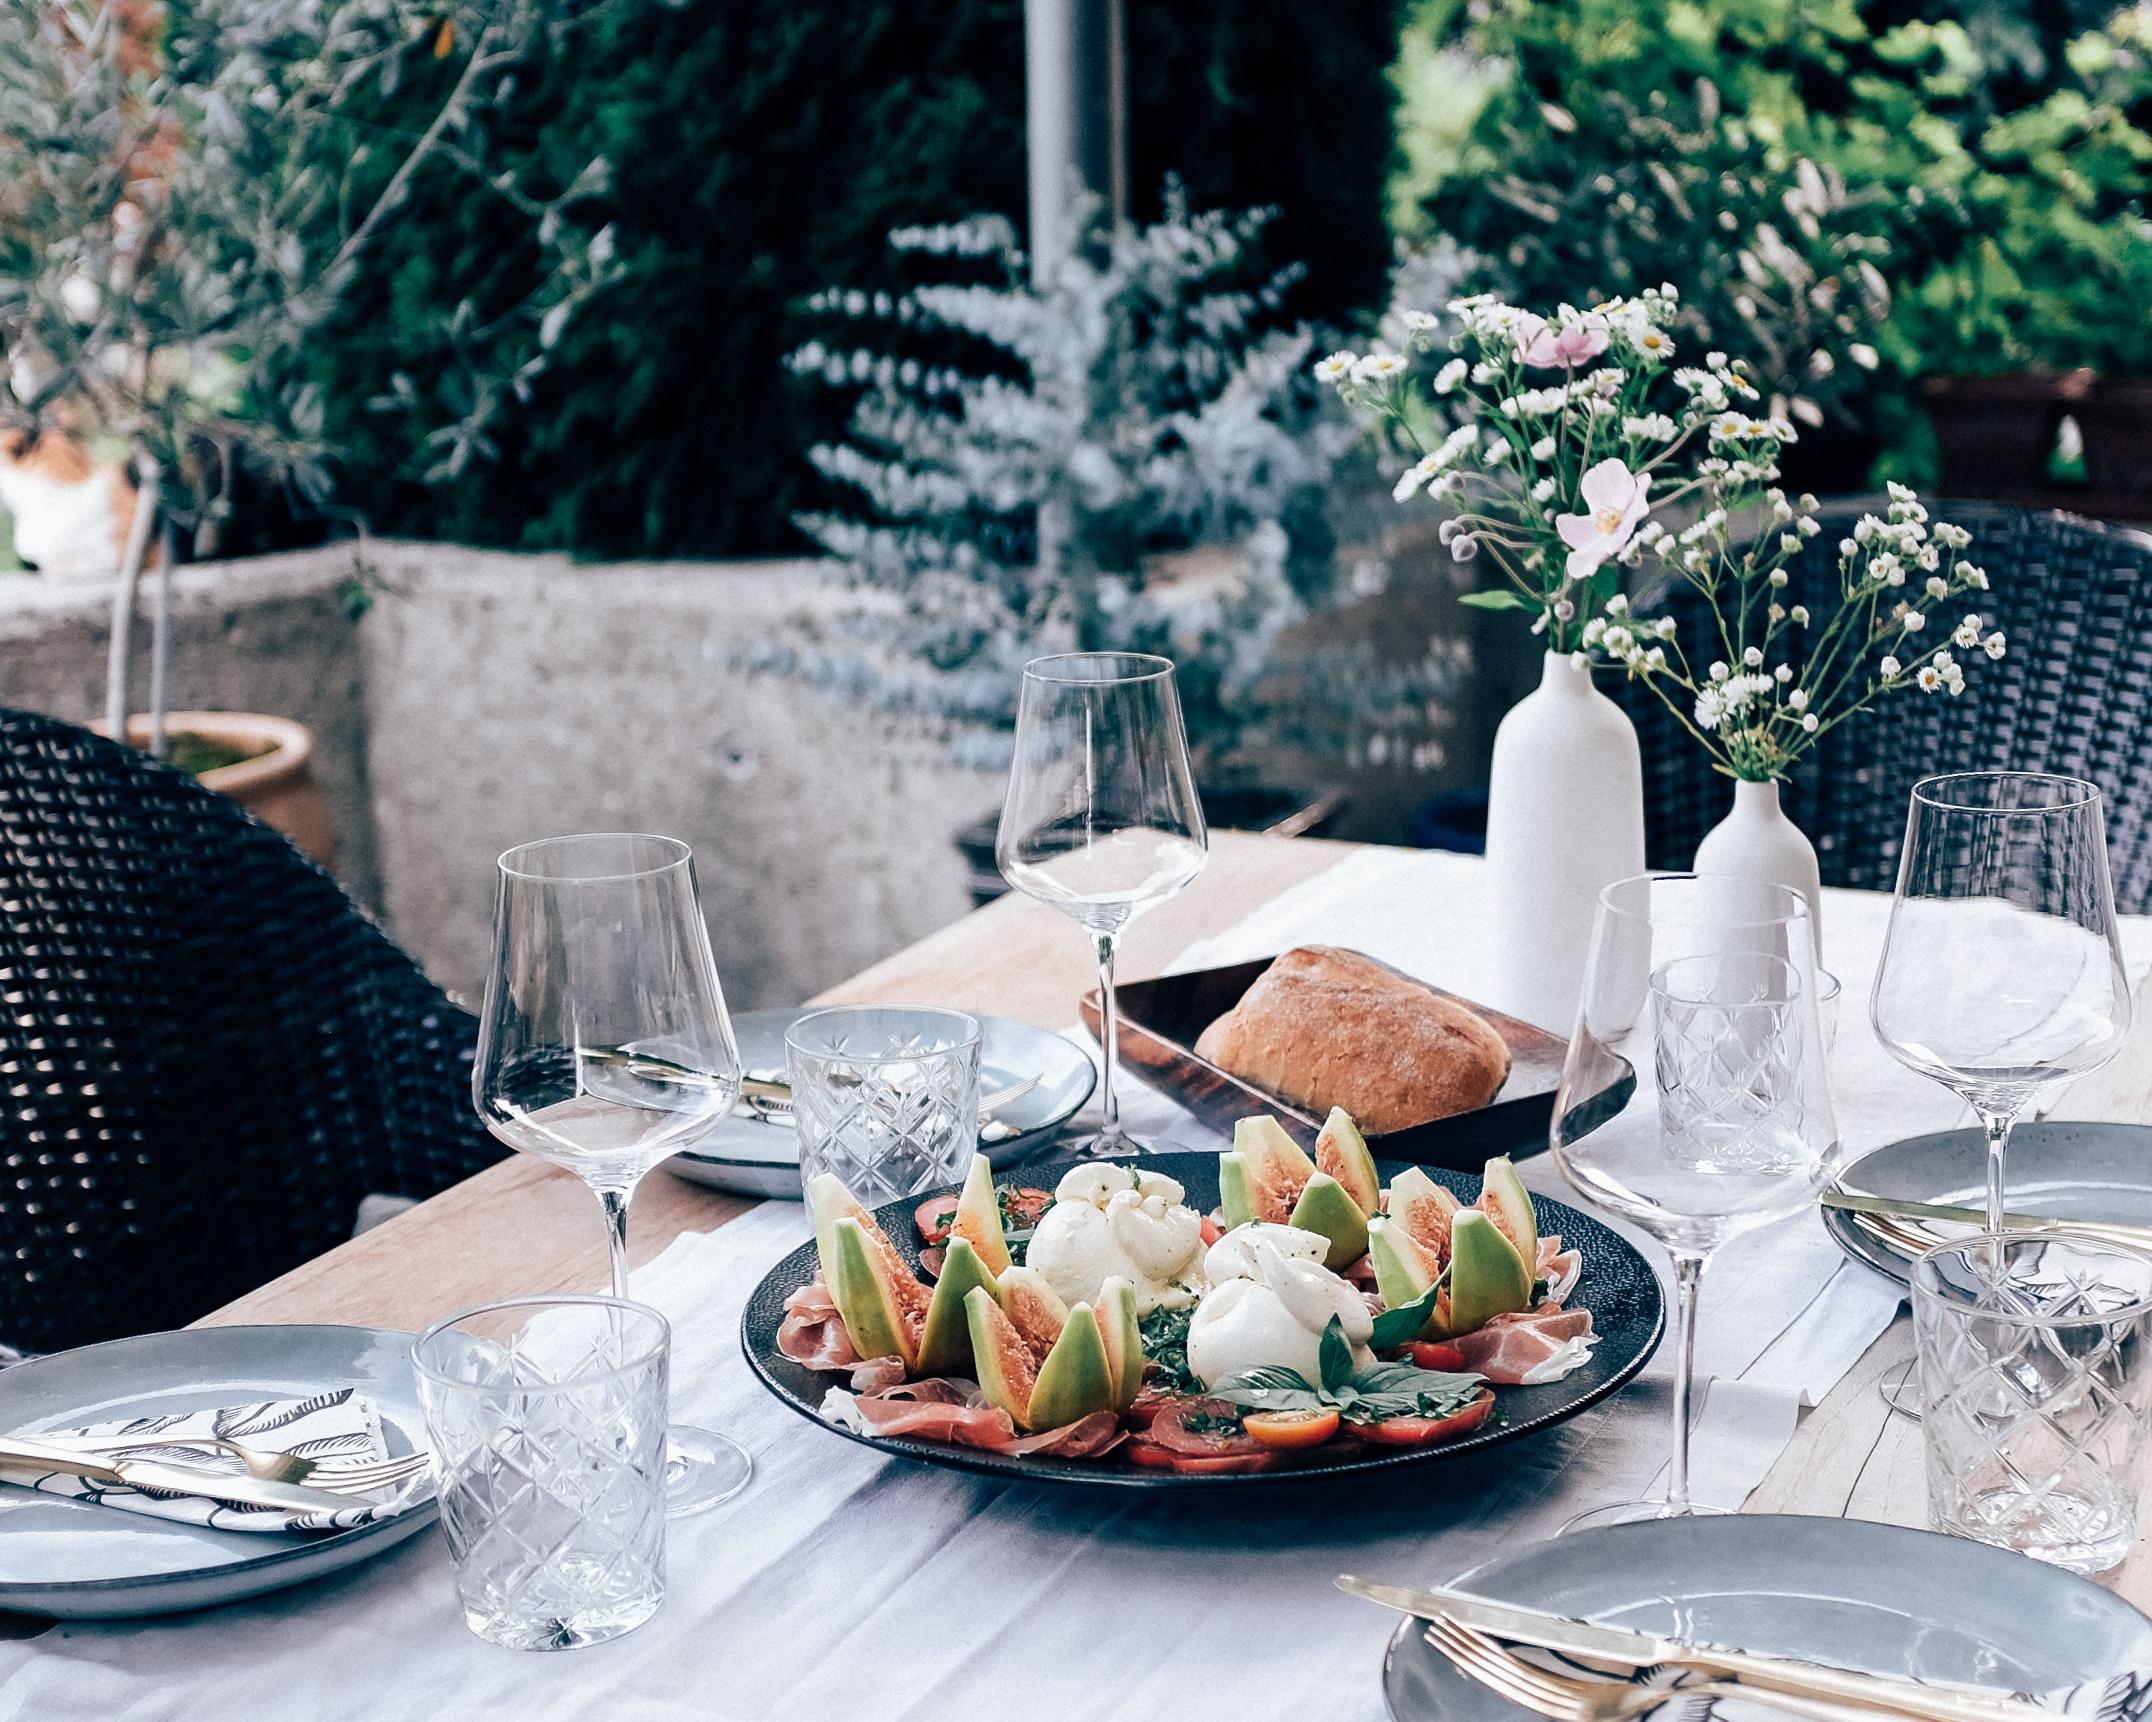 Sommer Küche Rezept : Sommerküche u nektarinenkuchen tomaten und feigen aus dem garten